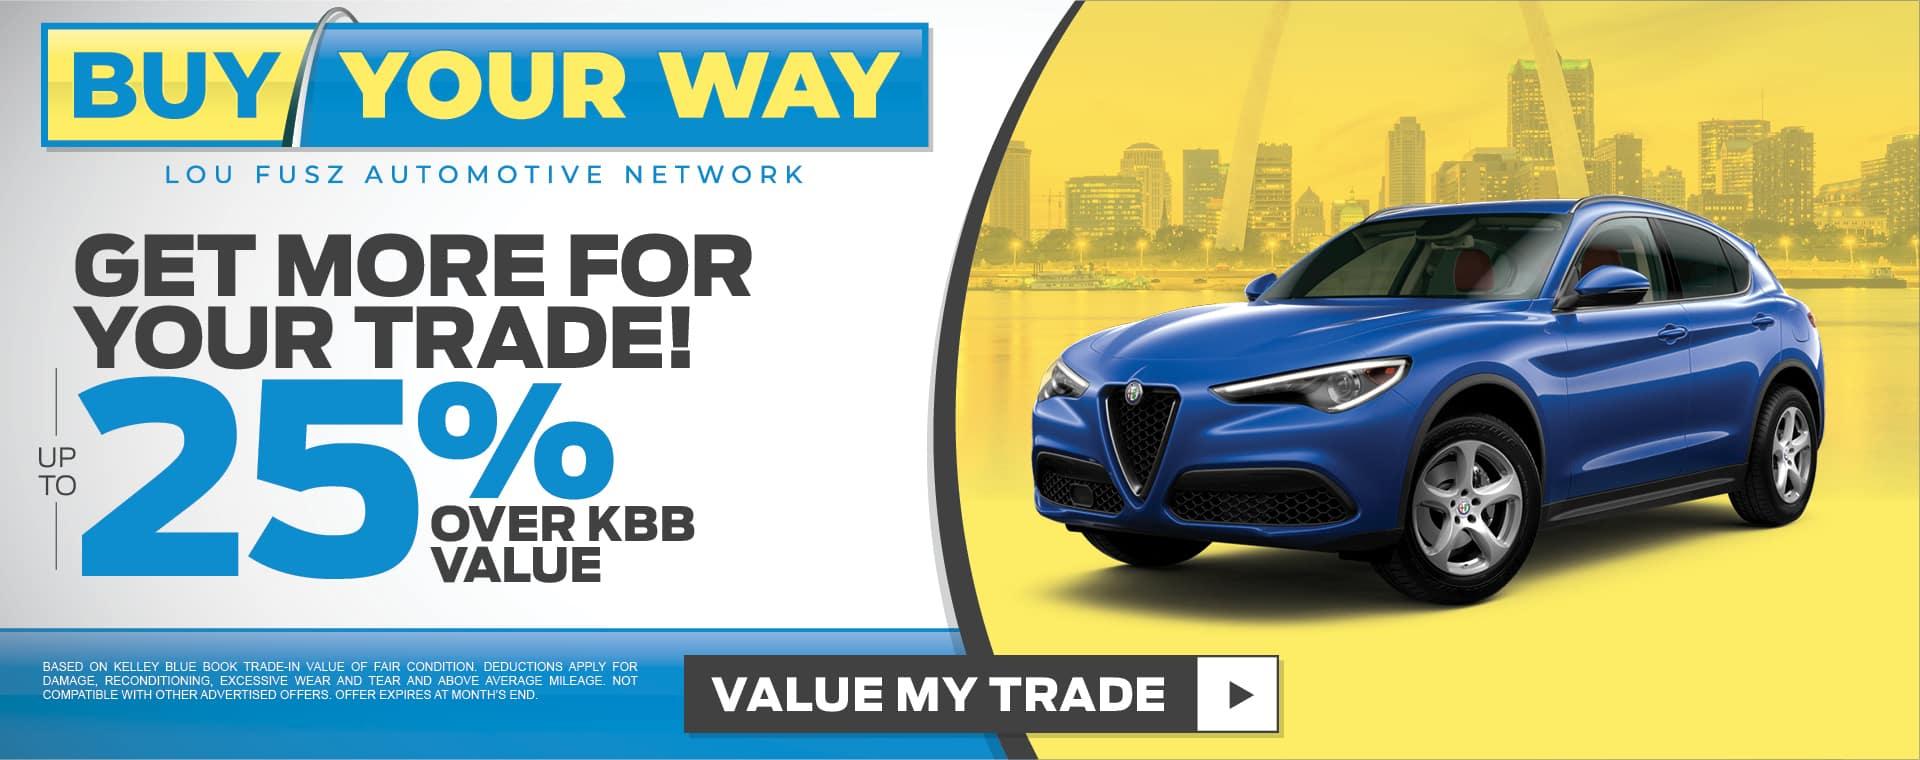 Buy your way